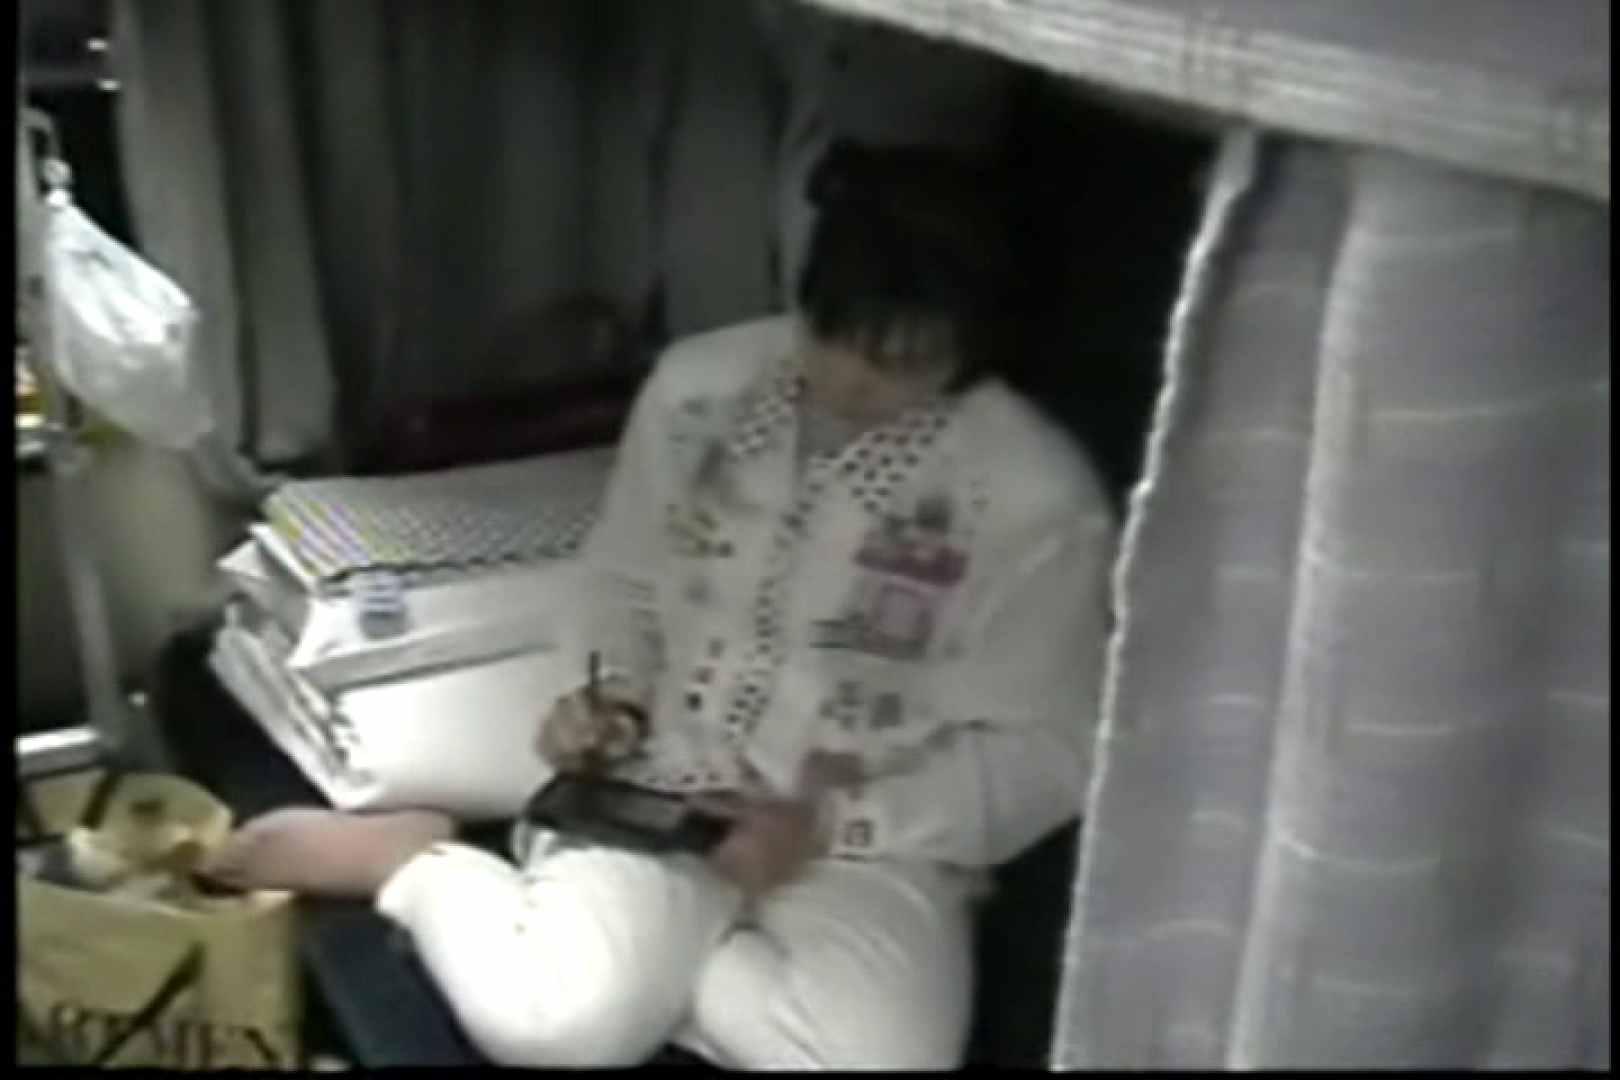 妻と寝台列車にて・・・ 車の中の秘め事   口内発射  82pic 5